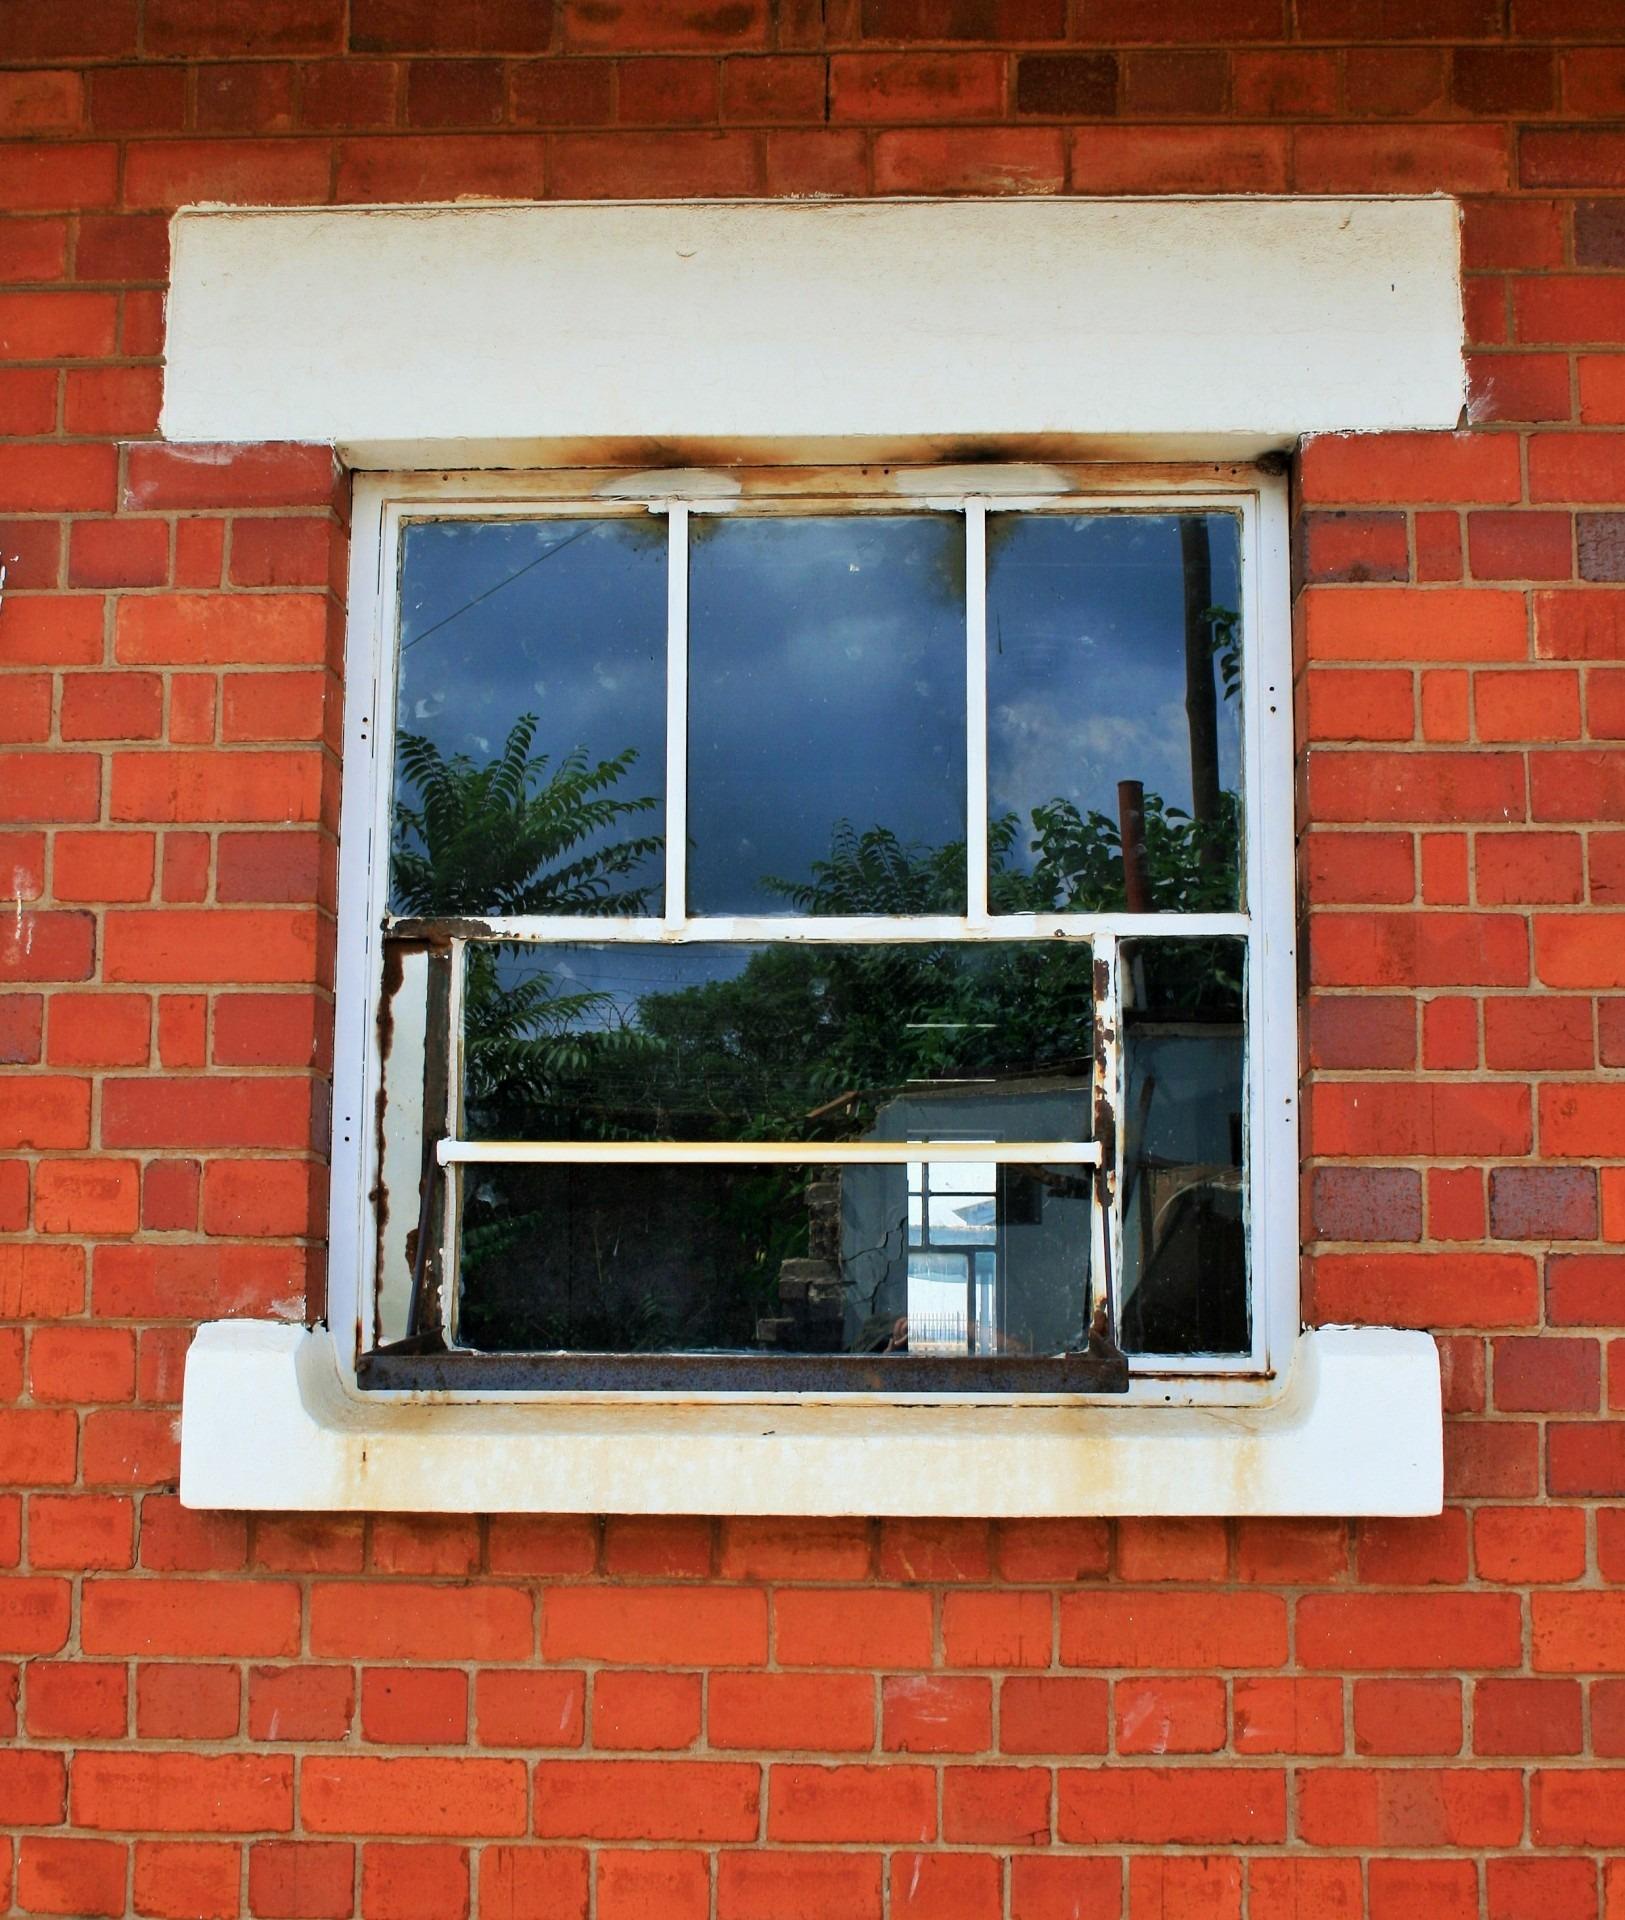 무료 이미지 : 건축물, 구조, 목재, 창문, 건물, 발코니, 구성 ...